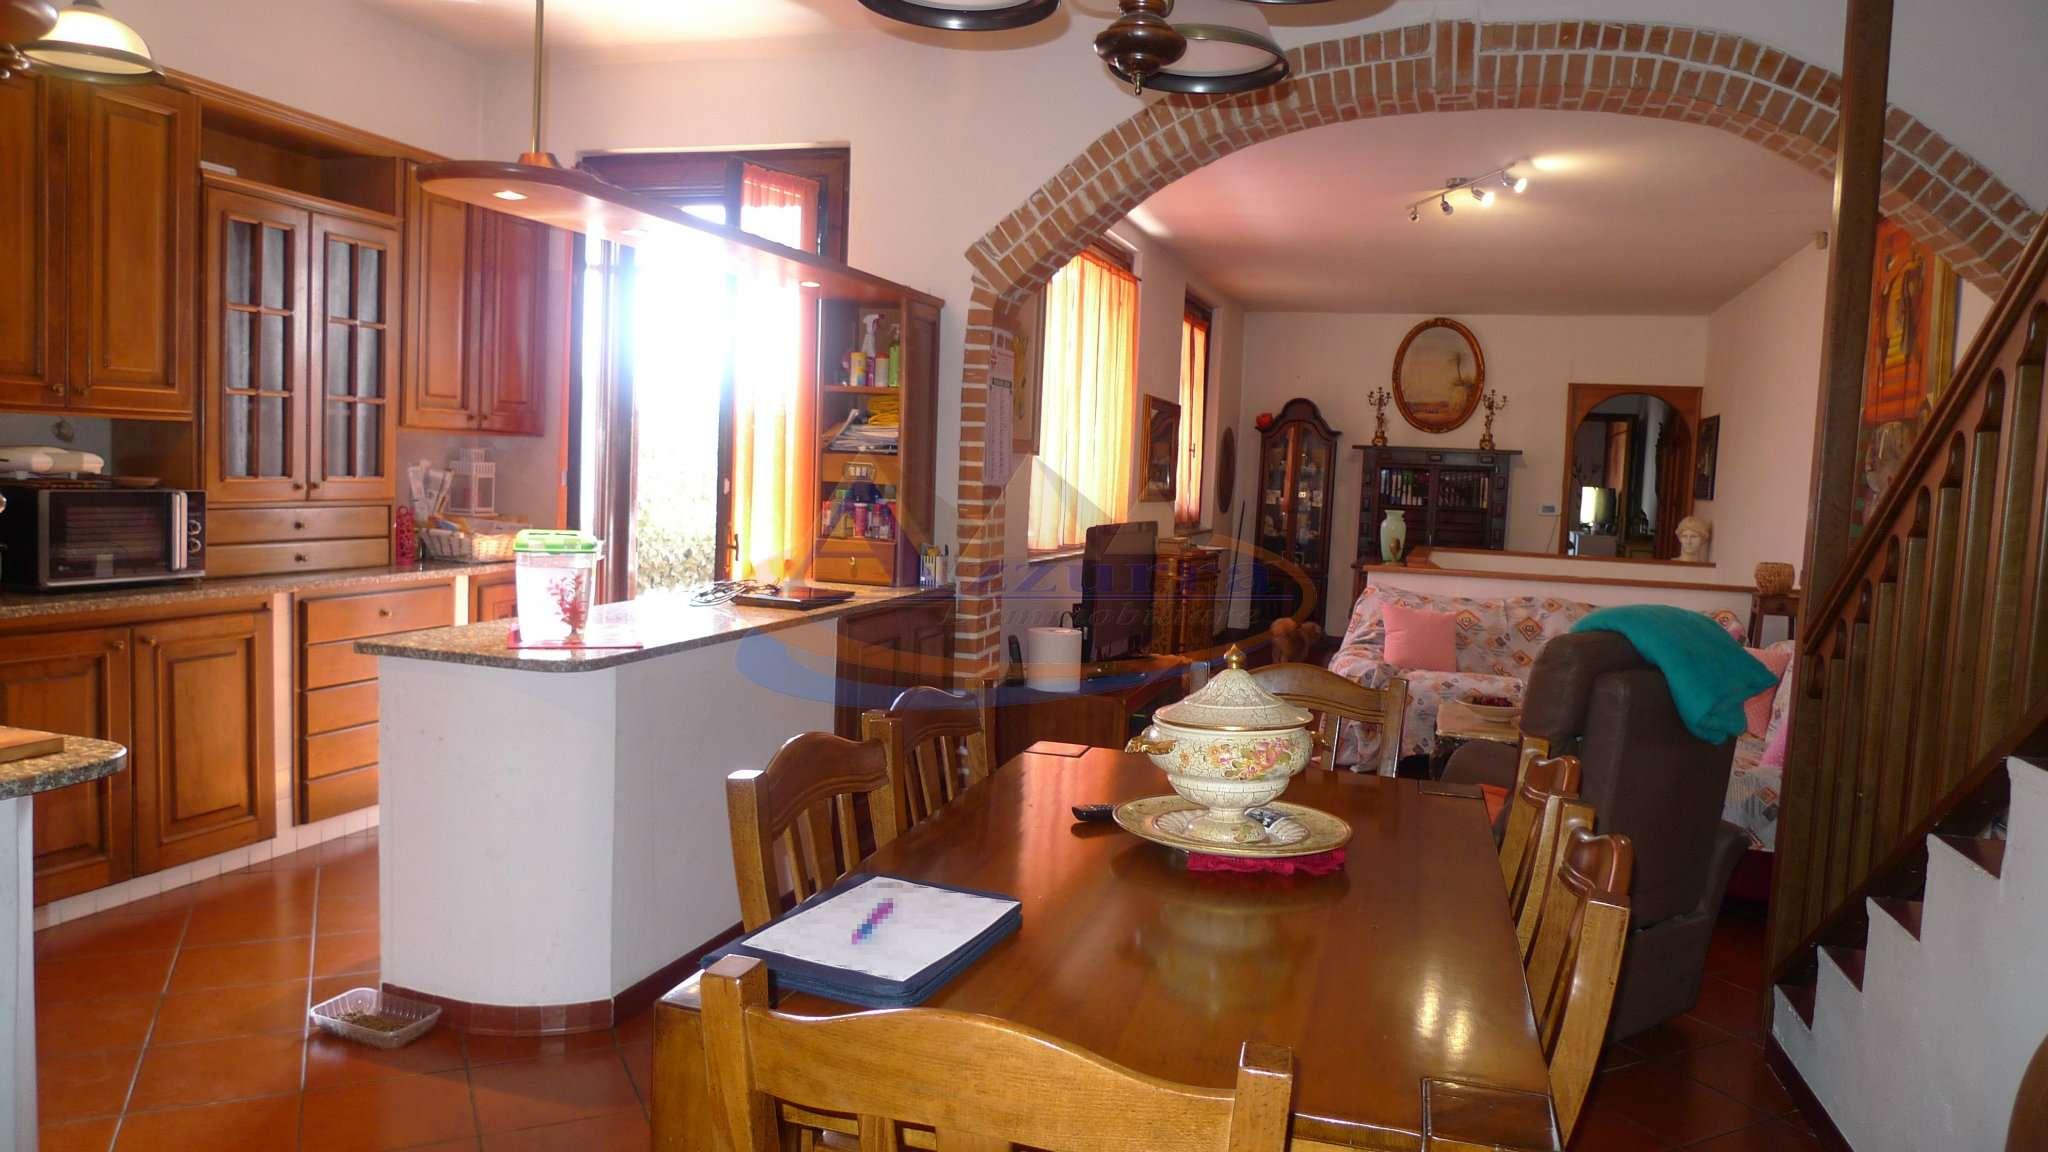 Soluzione Indipendente in vendita a San Salvatore Monferrato, 7 locali, prezzo € 95.000 | CambioCasa.it